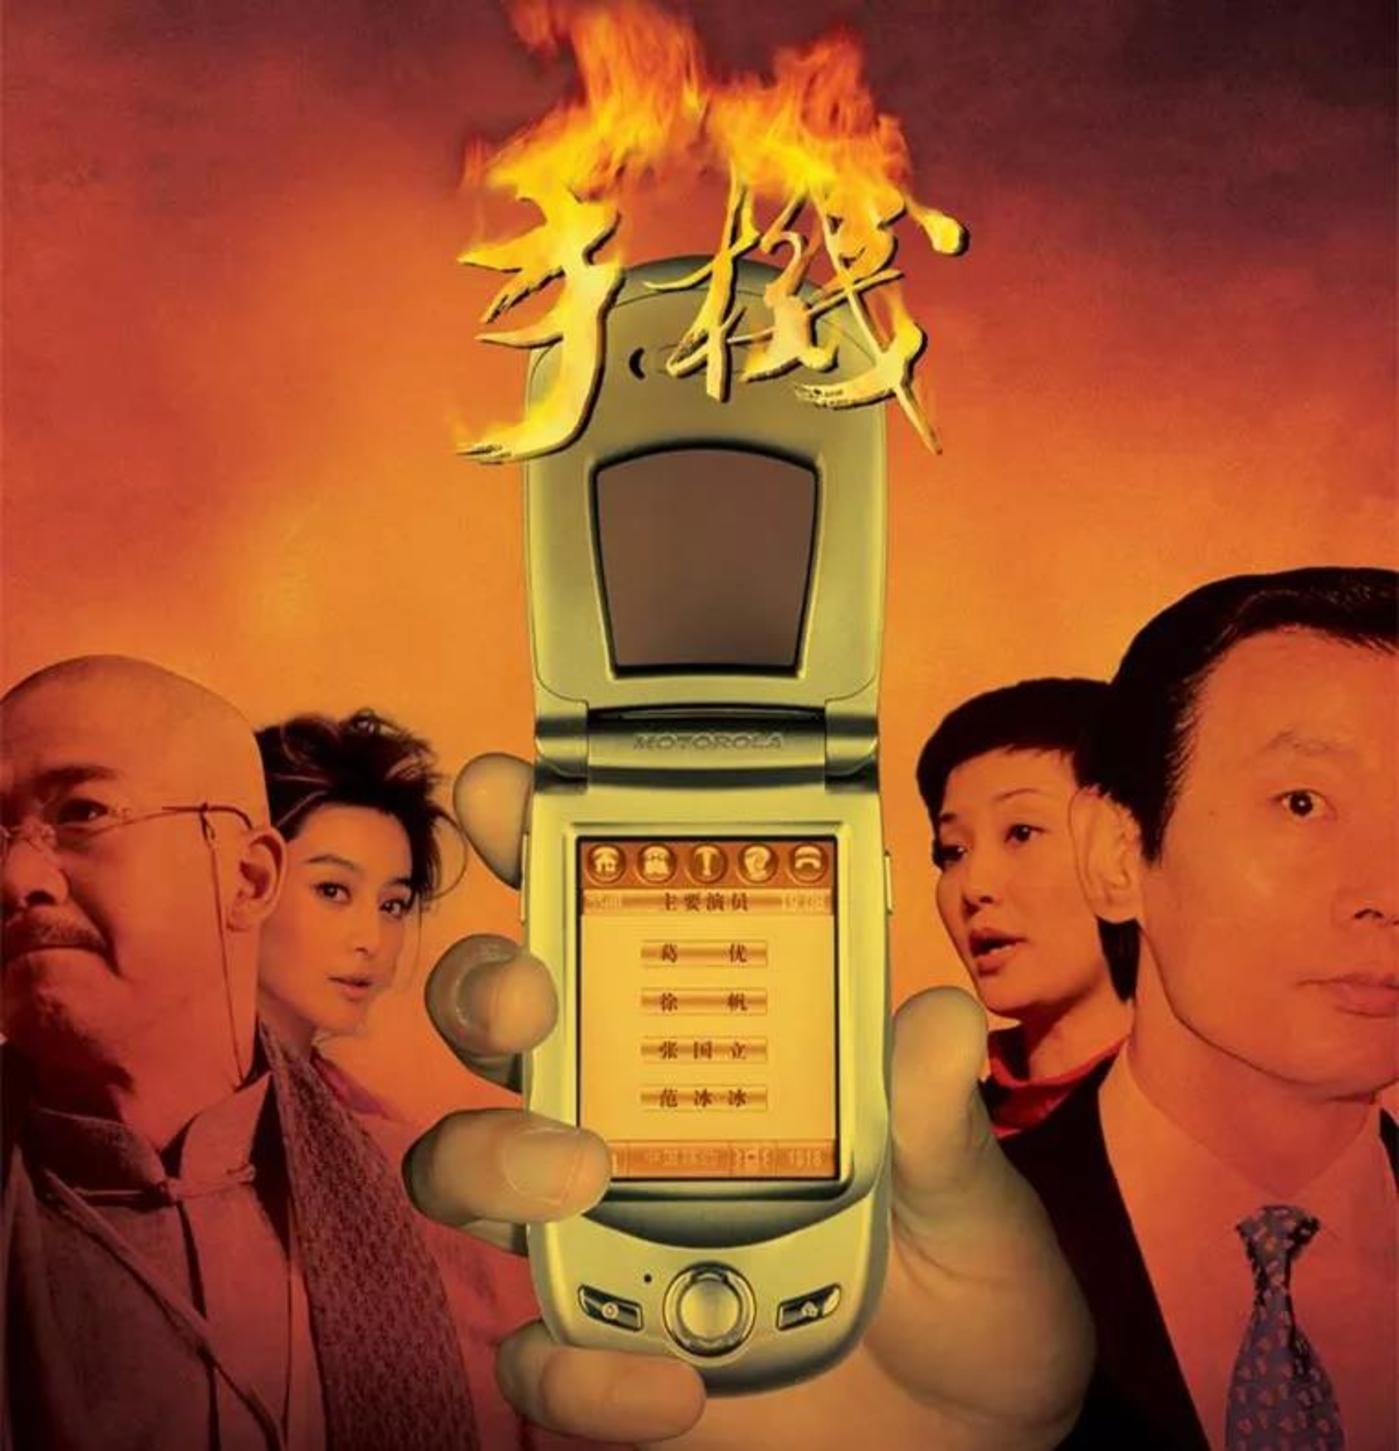 冯小刚导演的《手机》是2003年内地票房冠军